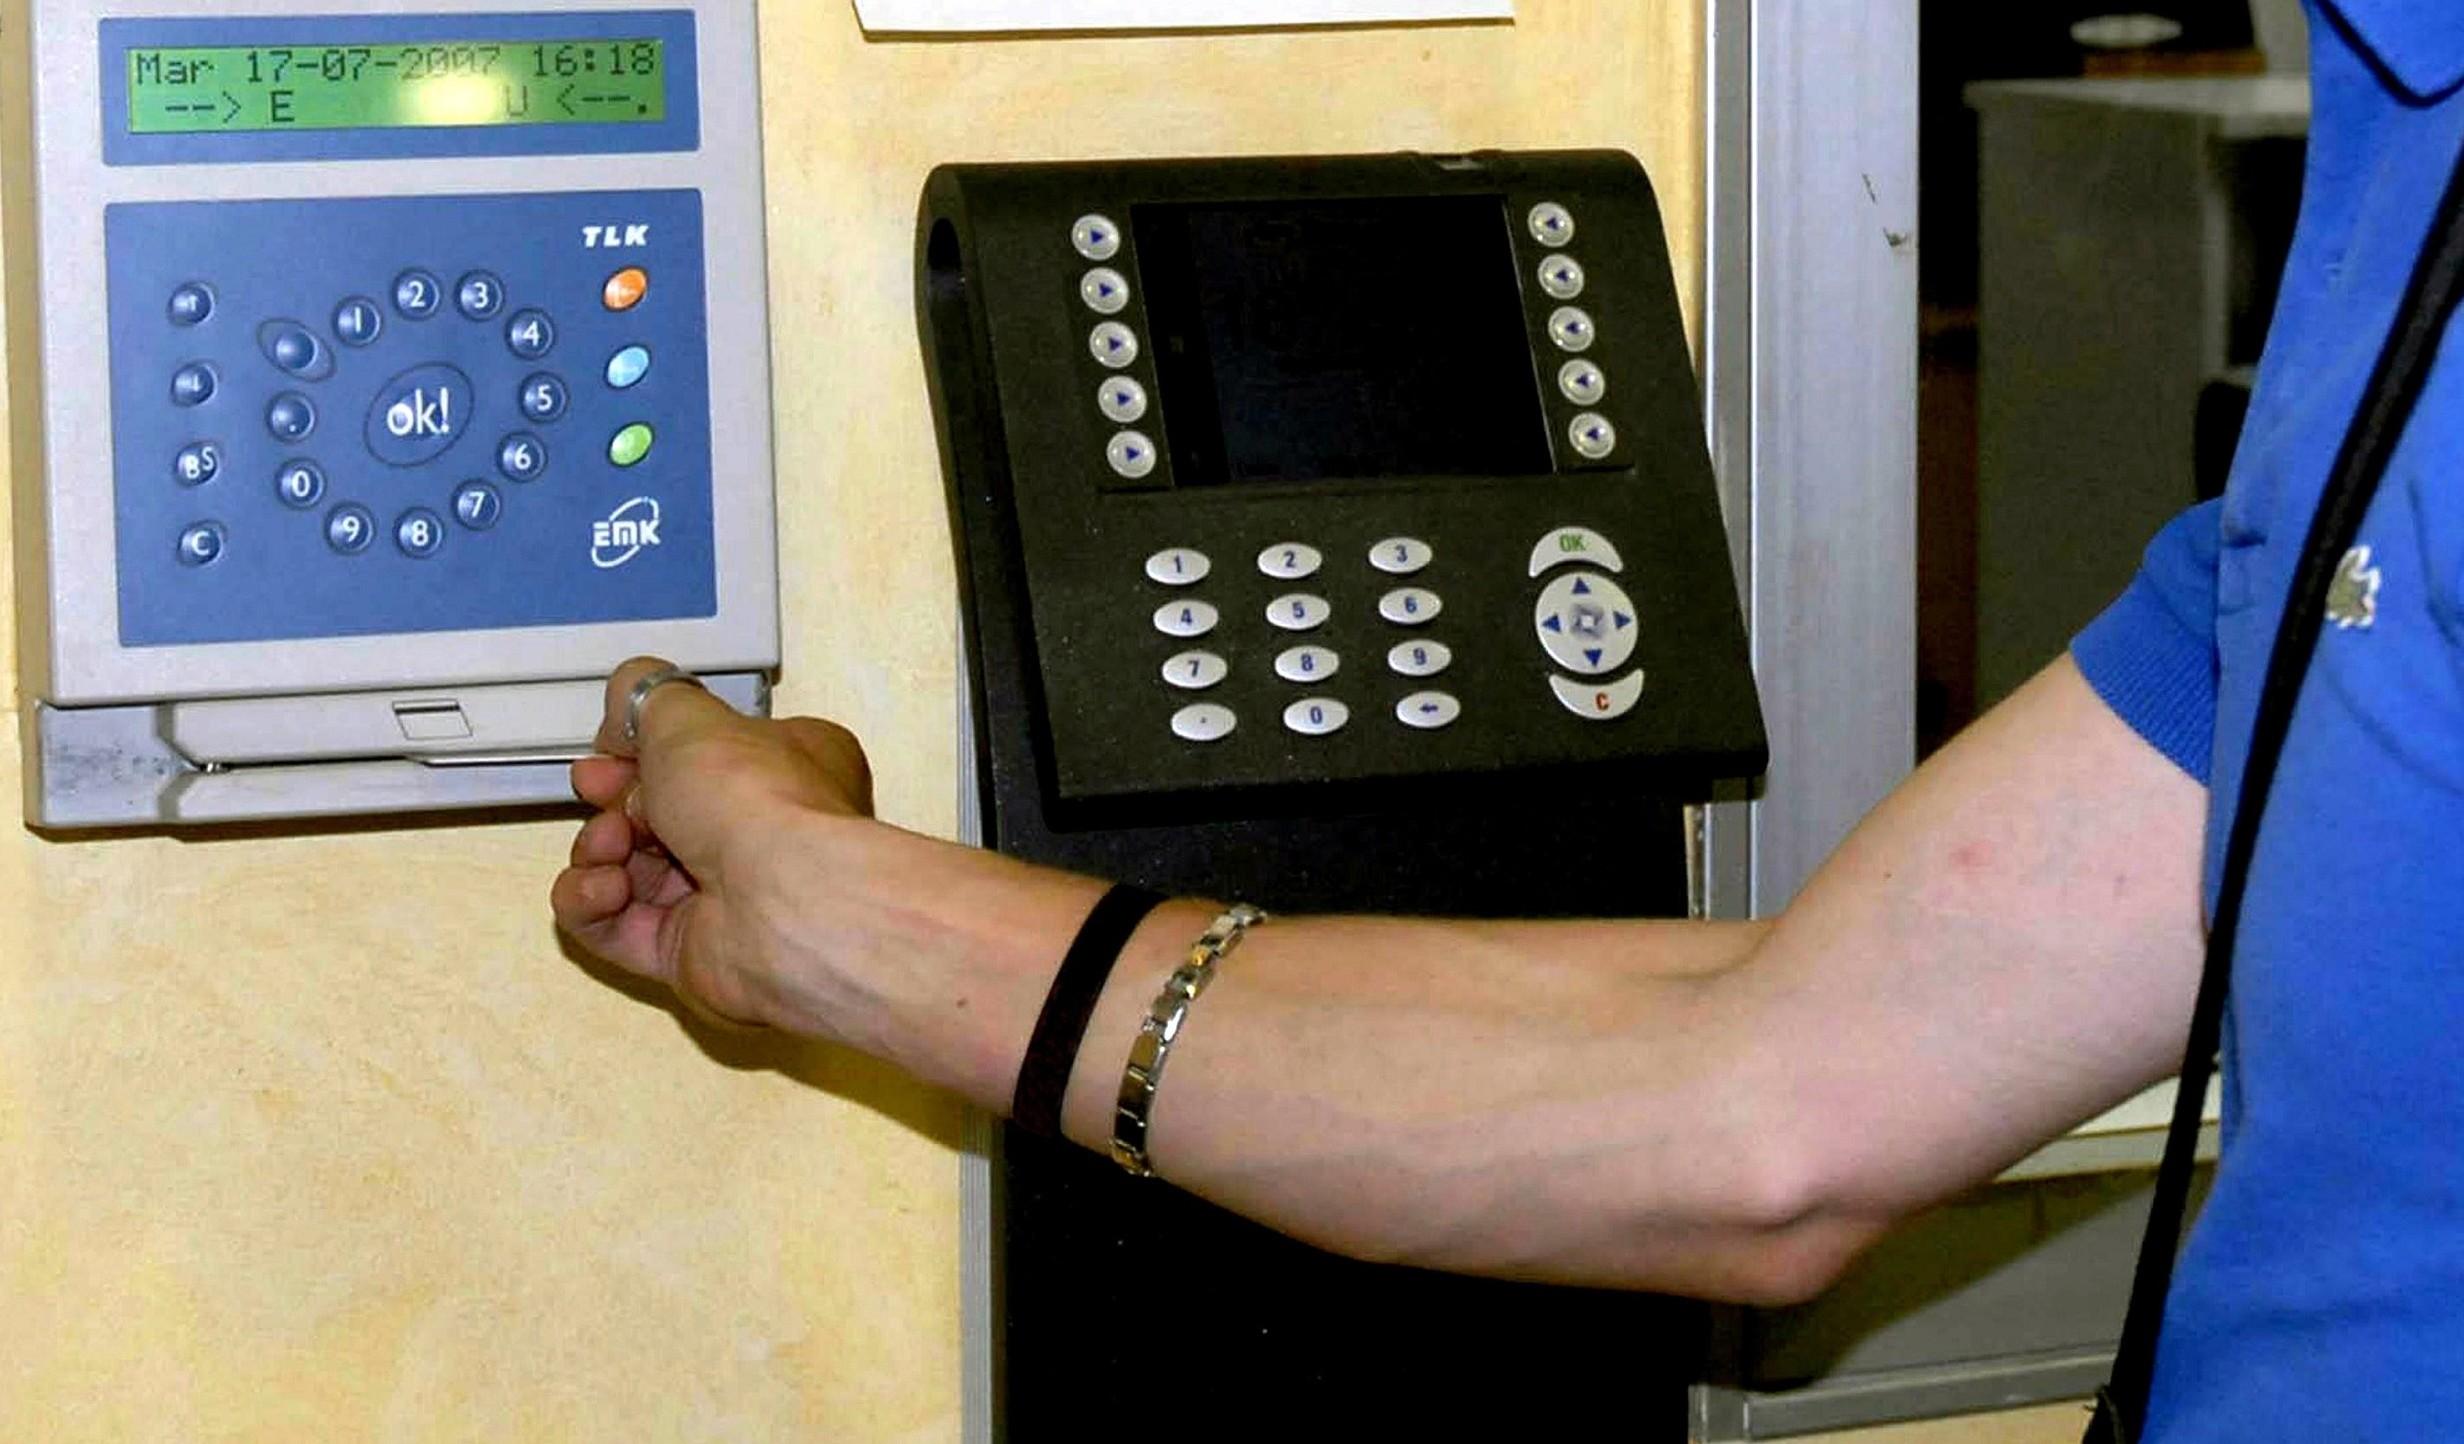 Dipendenti pubblici, impronte digitali a